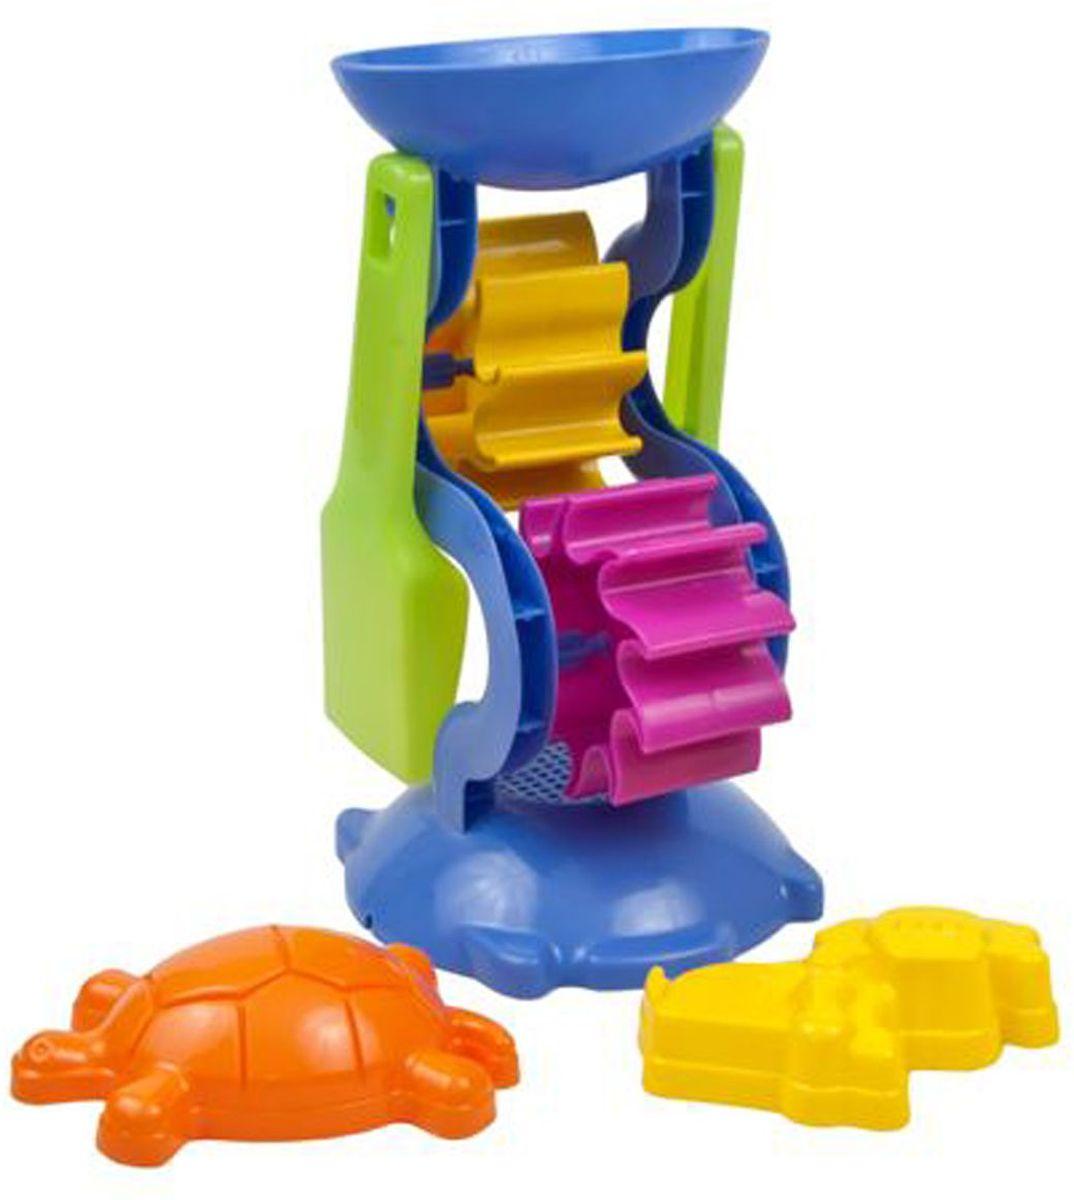 Песочный набор это замечательный подарок для малышей, он подходит как для игры в песочнице так и для отдыха на пляже. Ударопрочный пластик и качественные красители надолго сохранят внешний вид игушки и будет радовать Ваших детей.